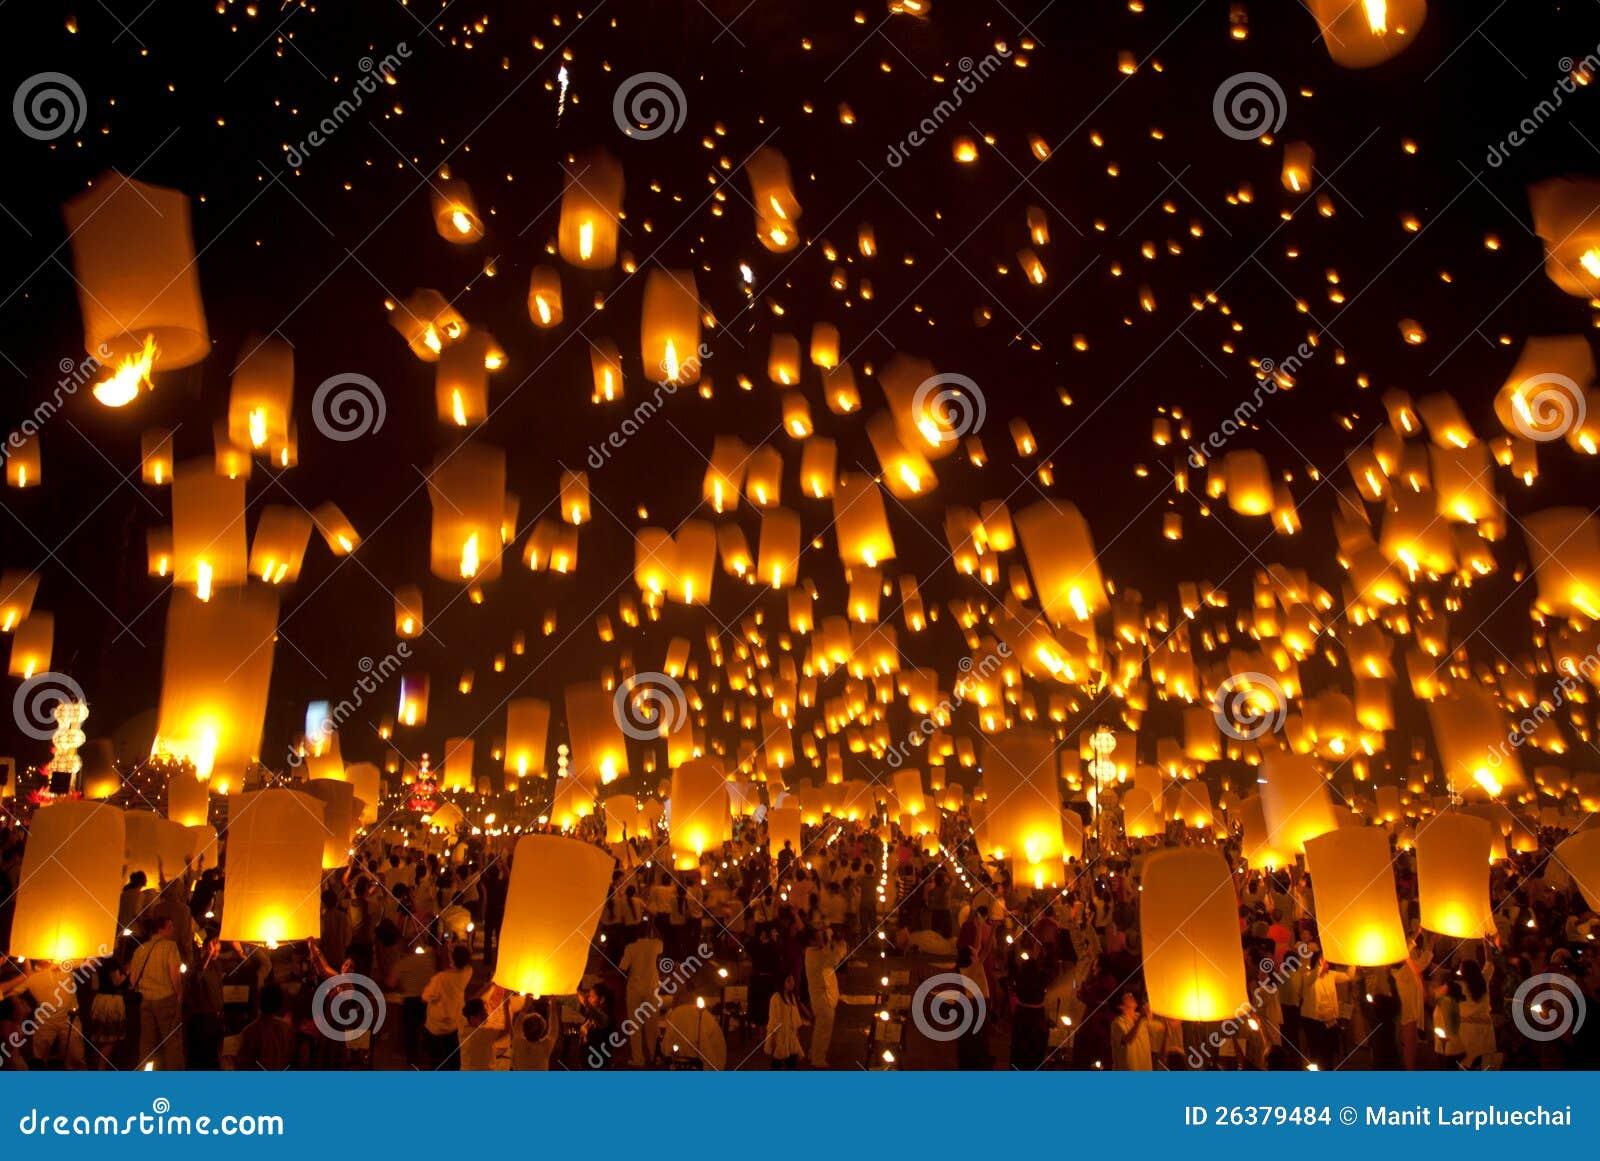 Lanterna tradizionale tailandese dell aerostato di Newyear.